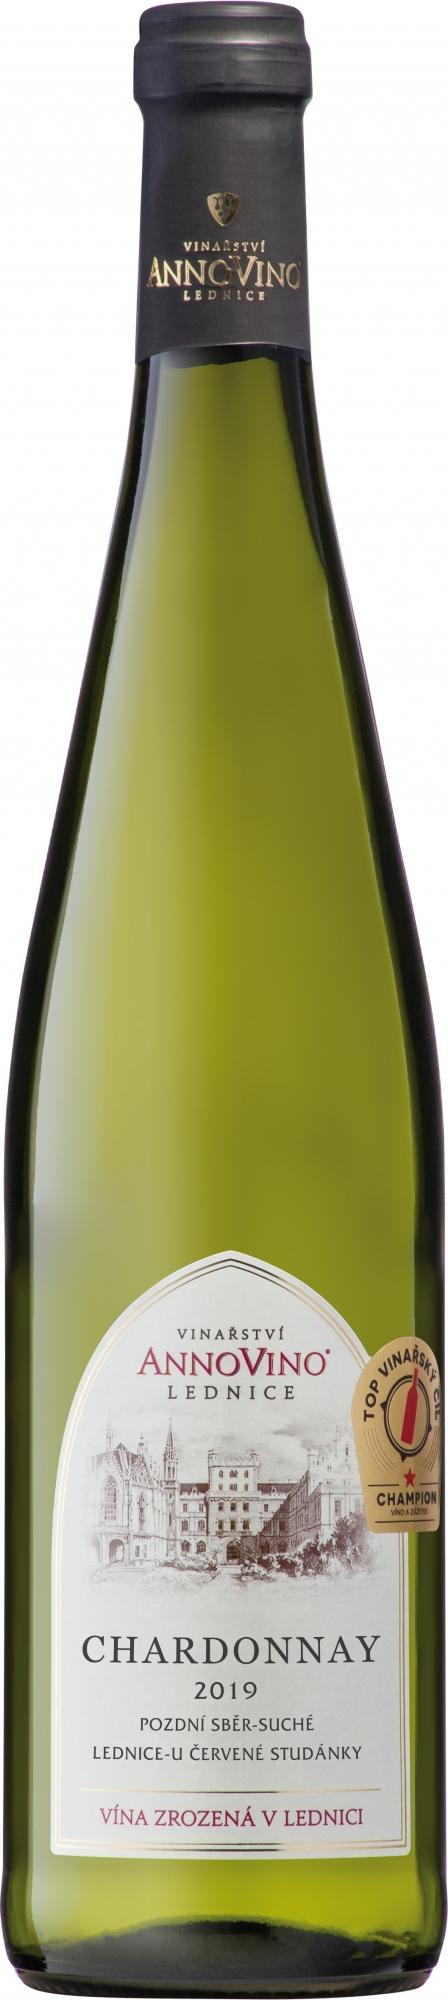 Chardonnay 2019, pozdní sběr, AnnoVino Lednice